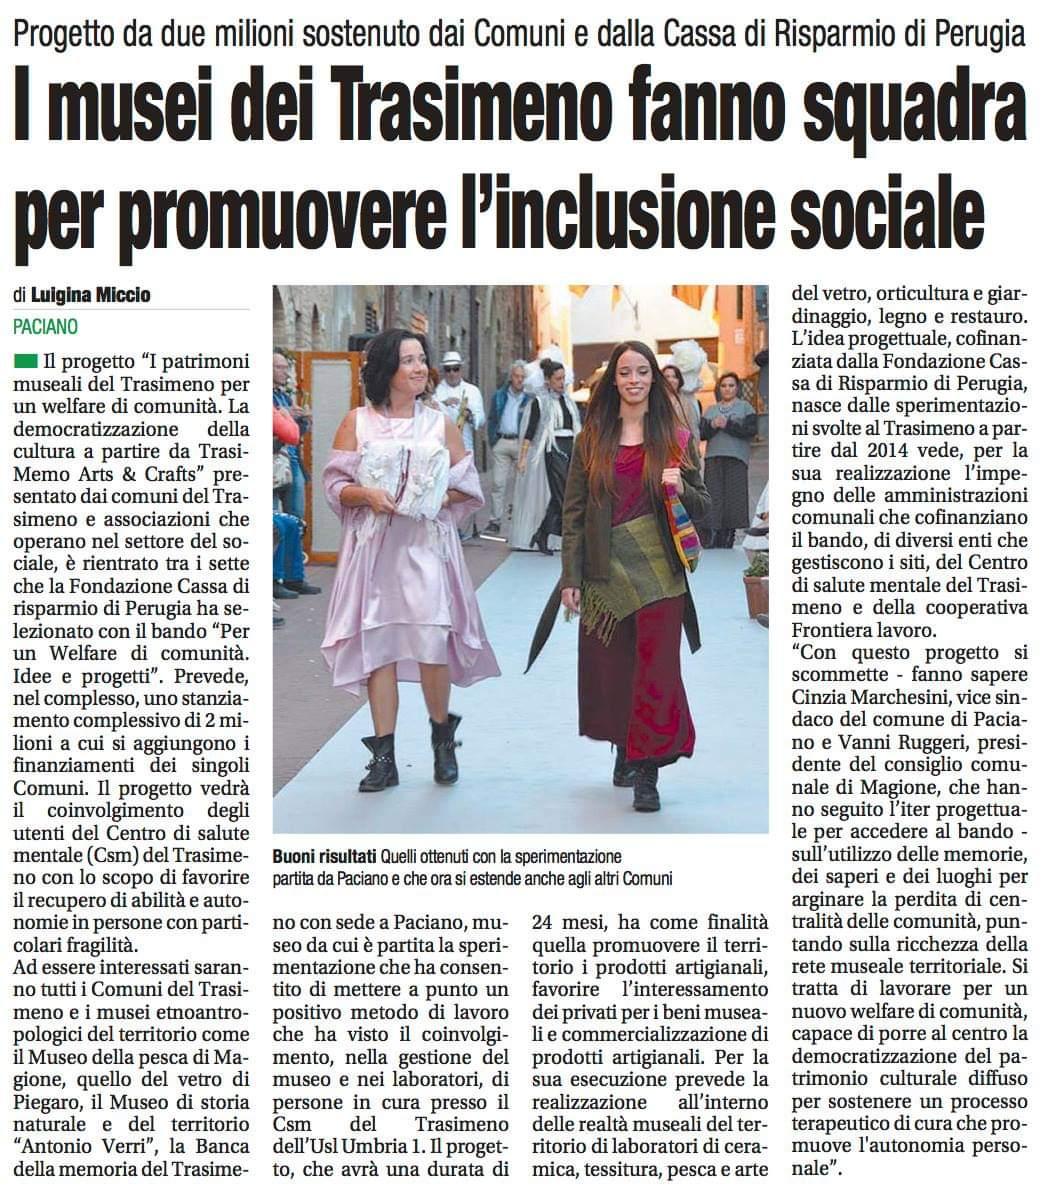 Il progetto dei Musei del Trasimeno finanziato Fondazione Cassa di Risparmio di Perugia